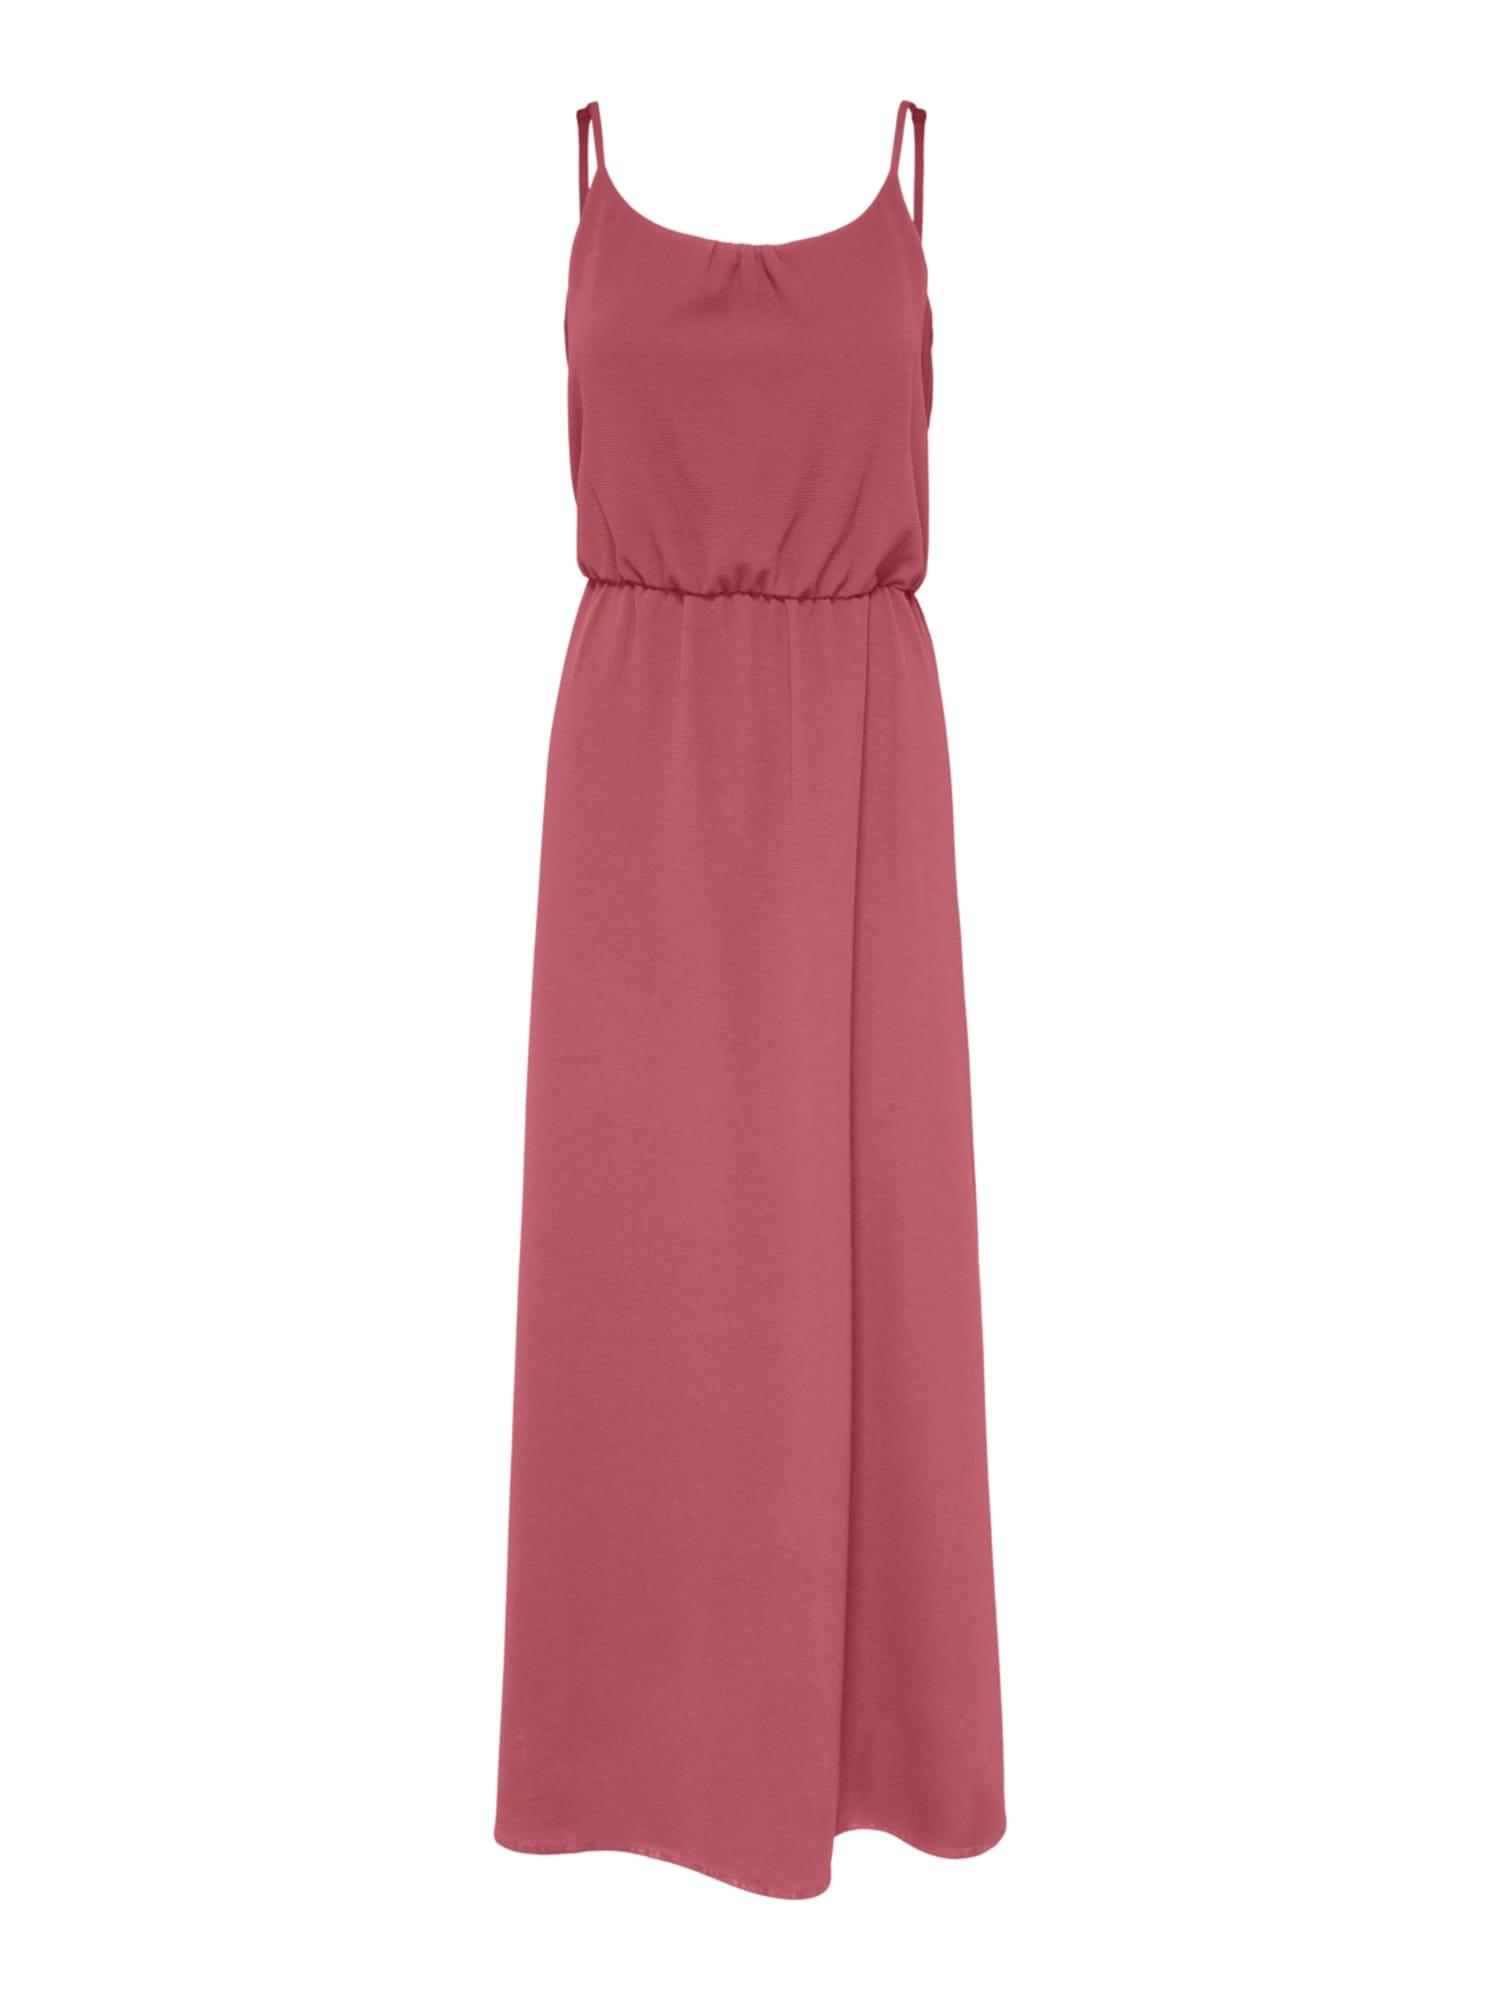 ONLY Letní šaty 'Nova Lux'  růže